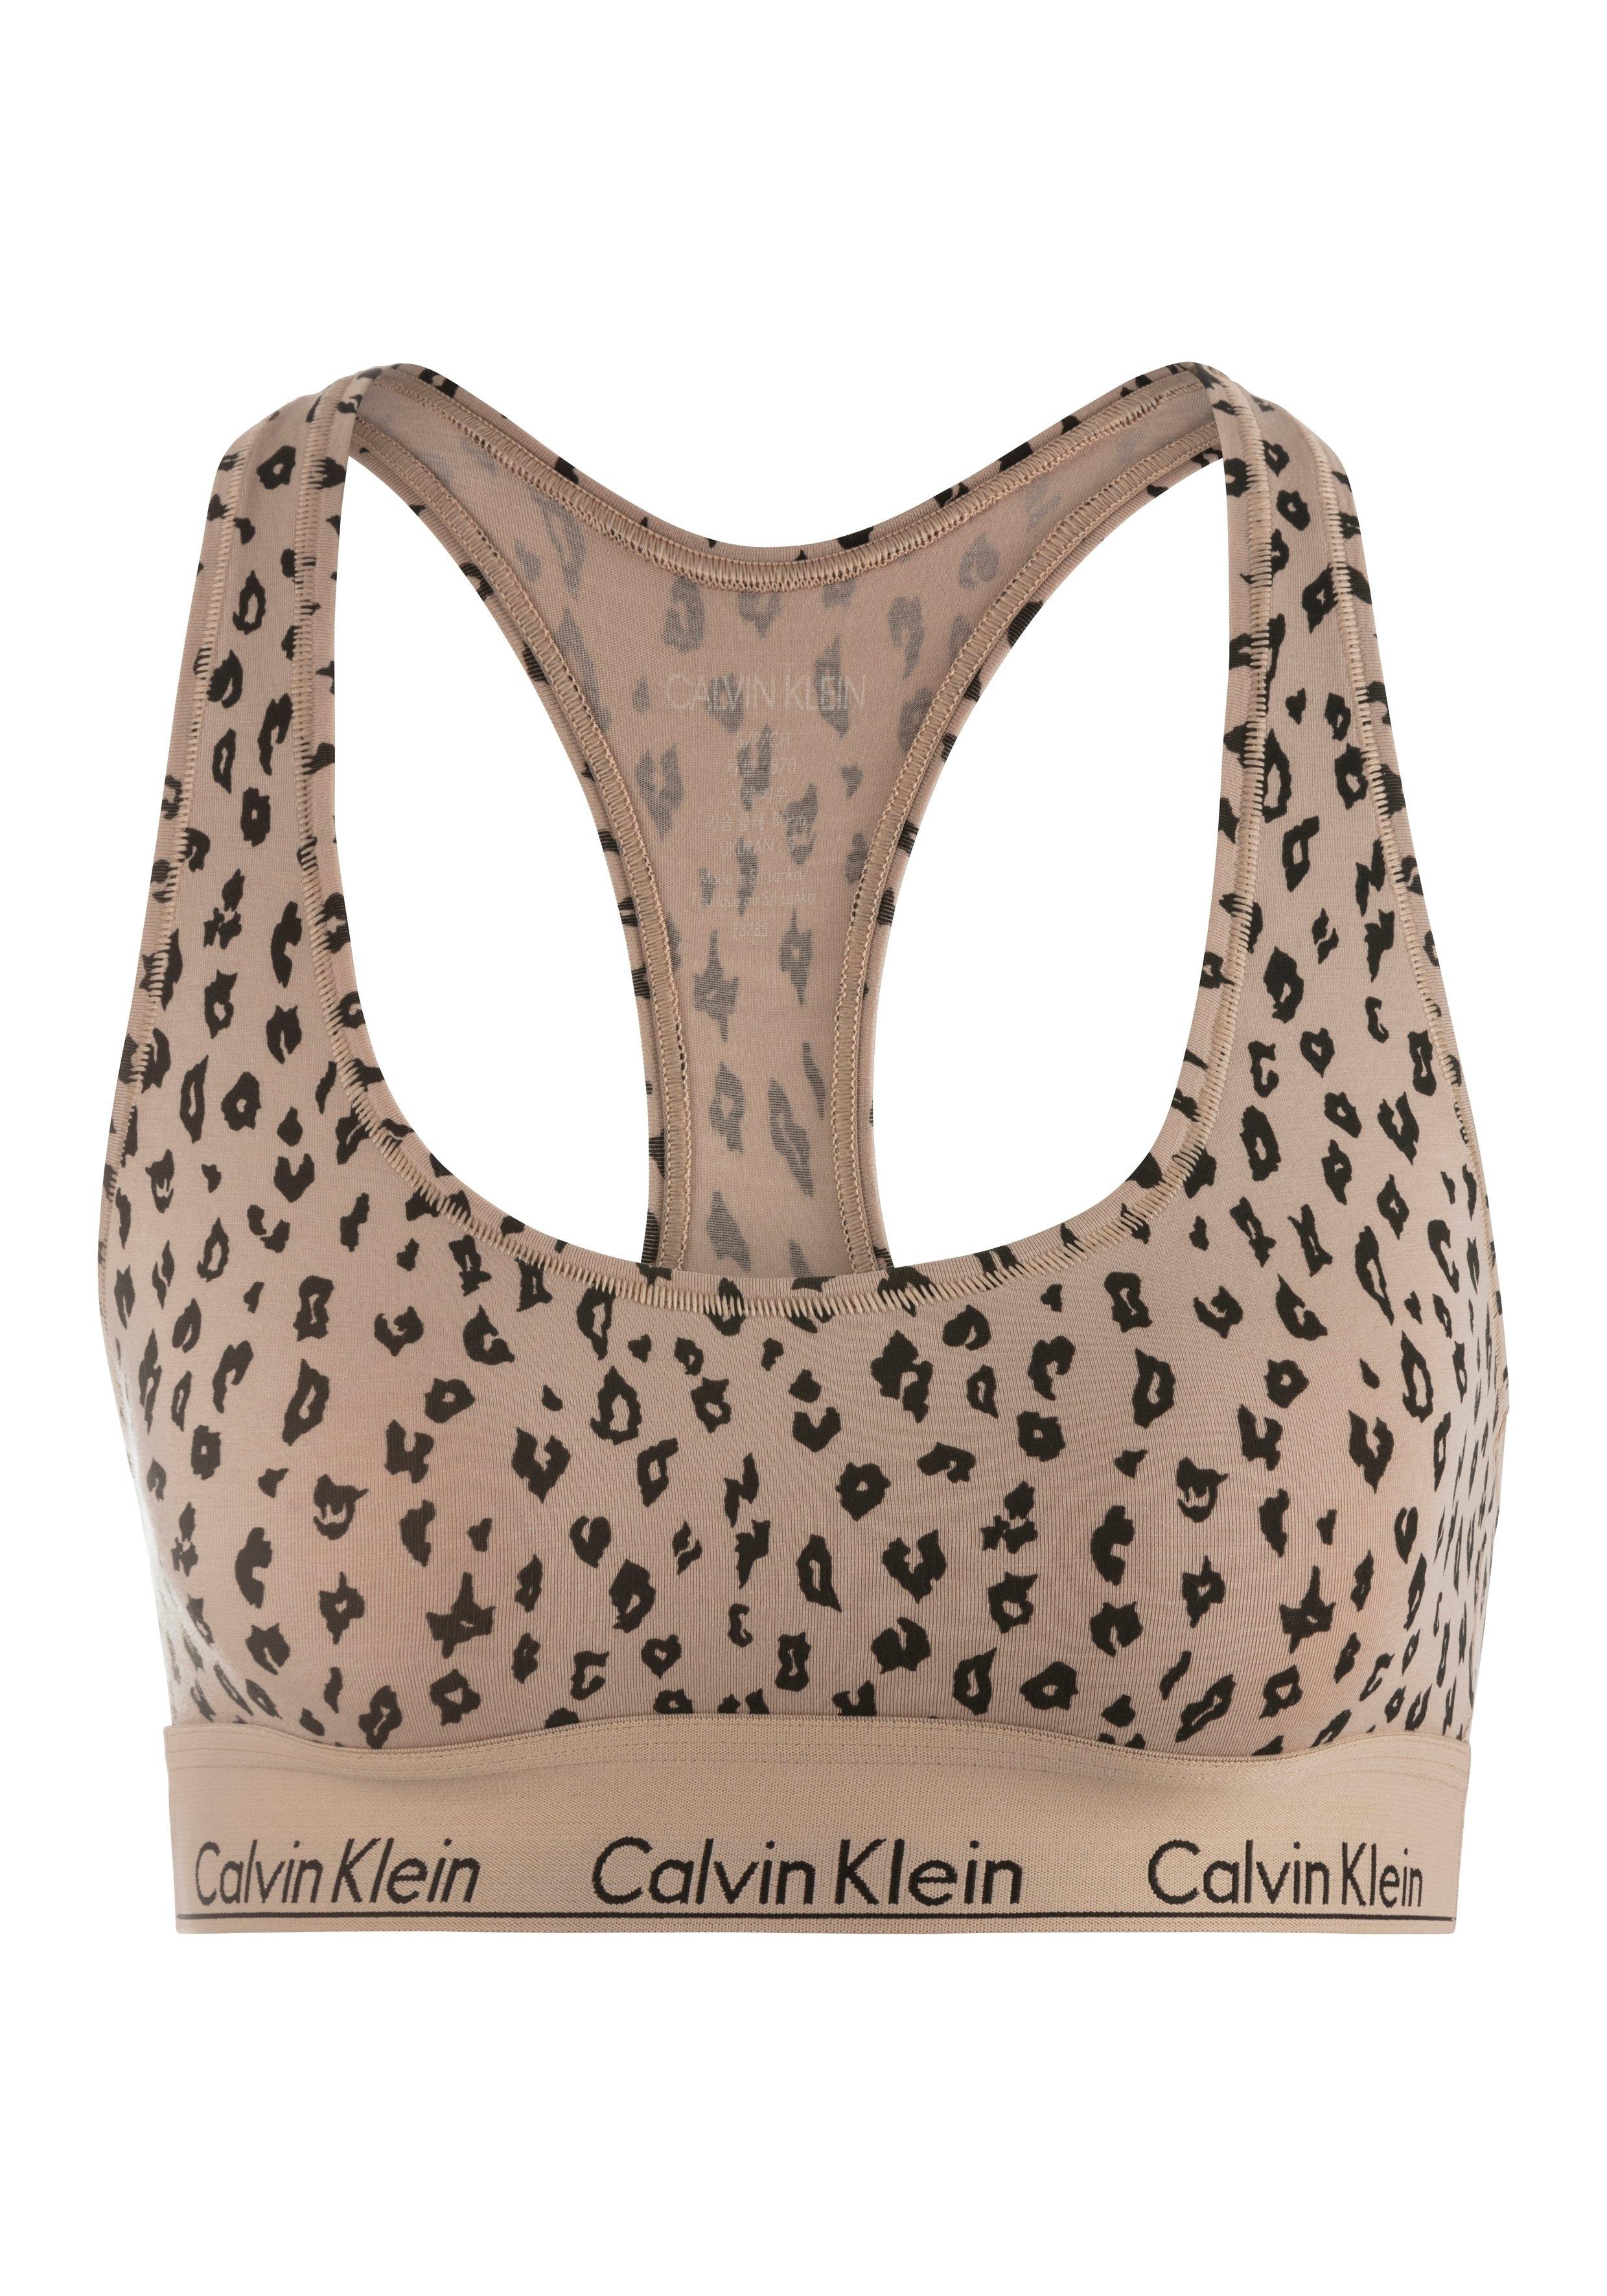 Op zoek naar een Calvin Klein bustier Modern Cotton met racerback? Koop online bij Lascana